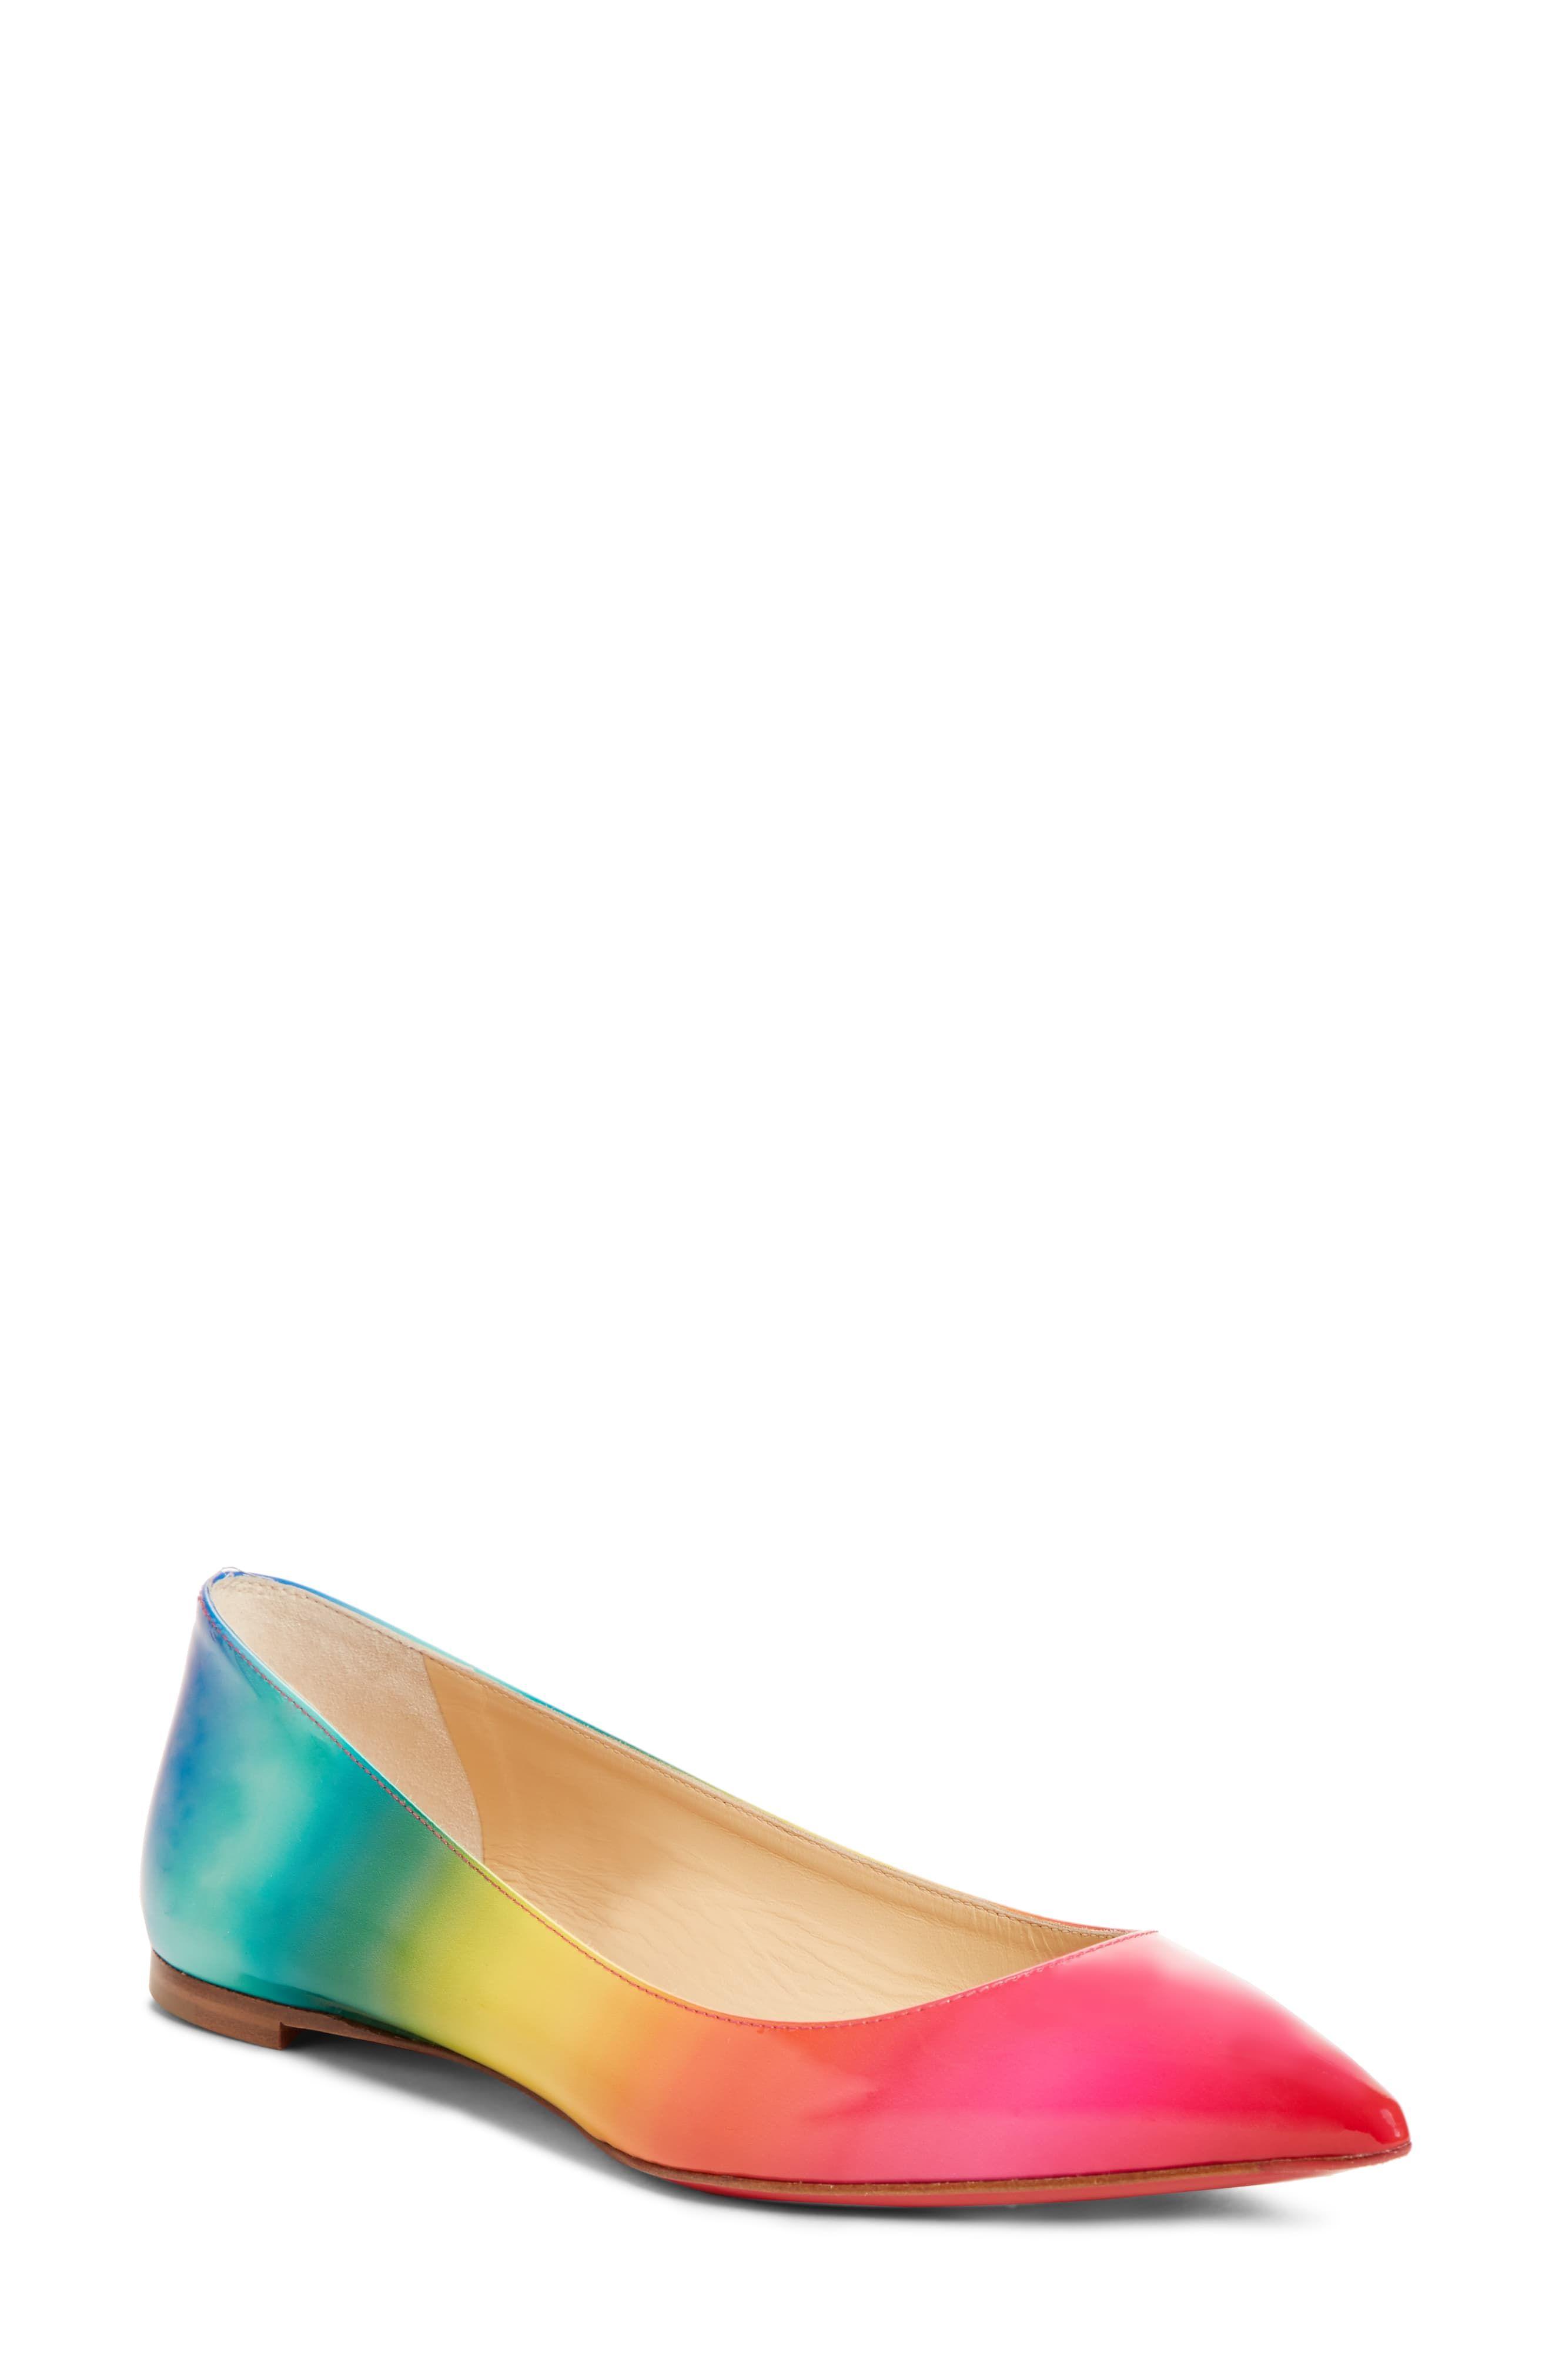 new style 13b2f 97d4f Women's Christian Louboutin Ballalla Rainbow Flat, Size 4US ...